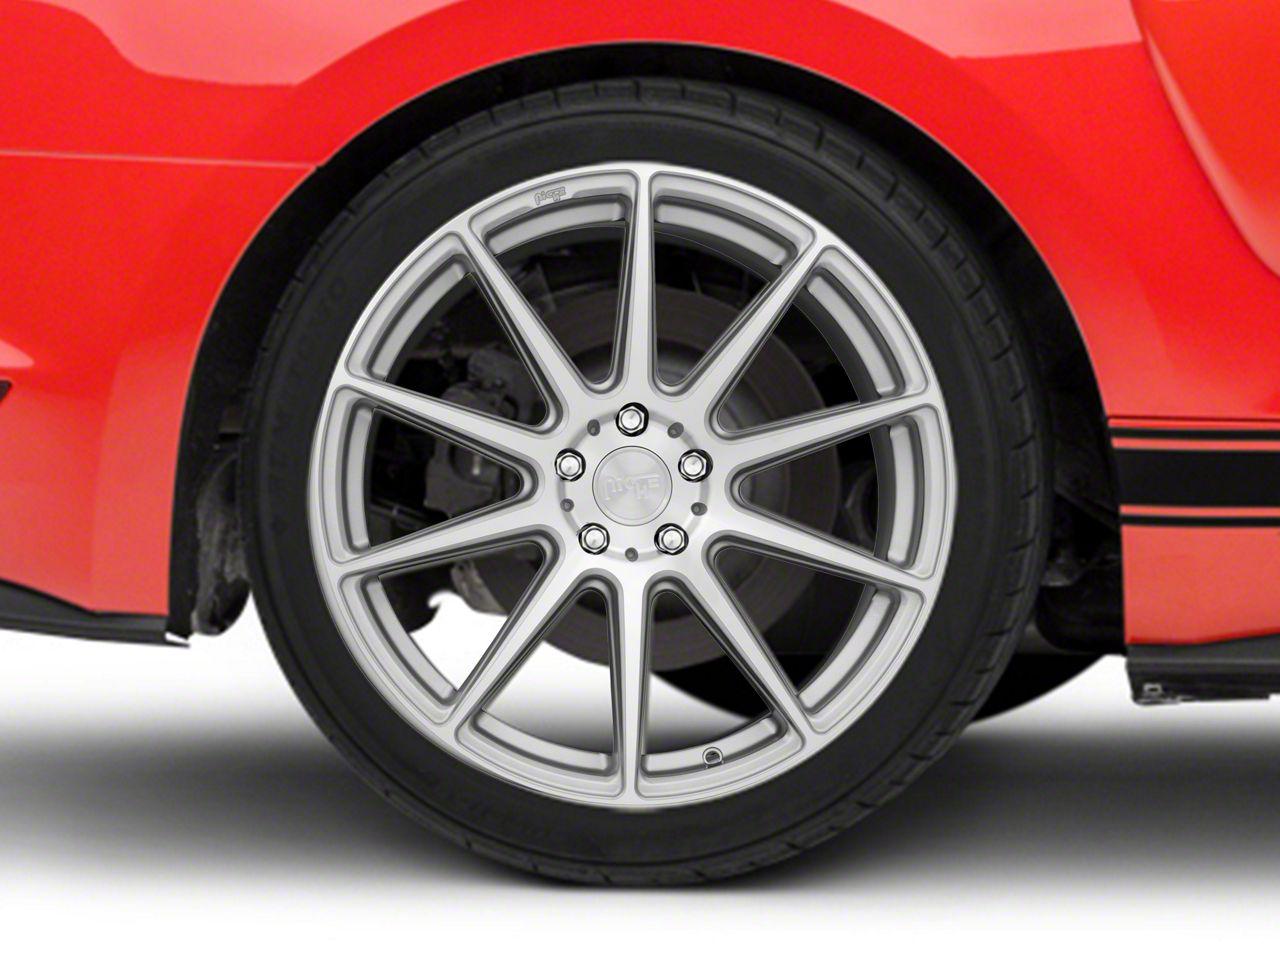 Niche Essen Silver Wheel 19x10 - Rear Only (15-19 All)